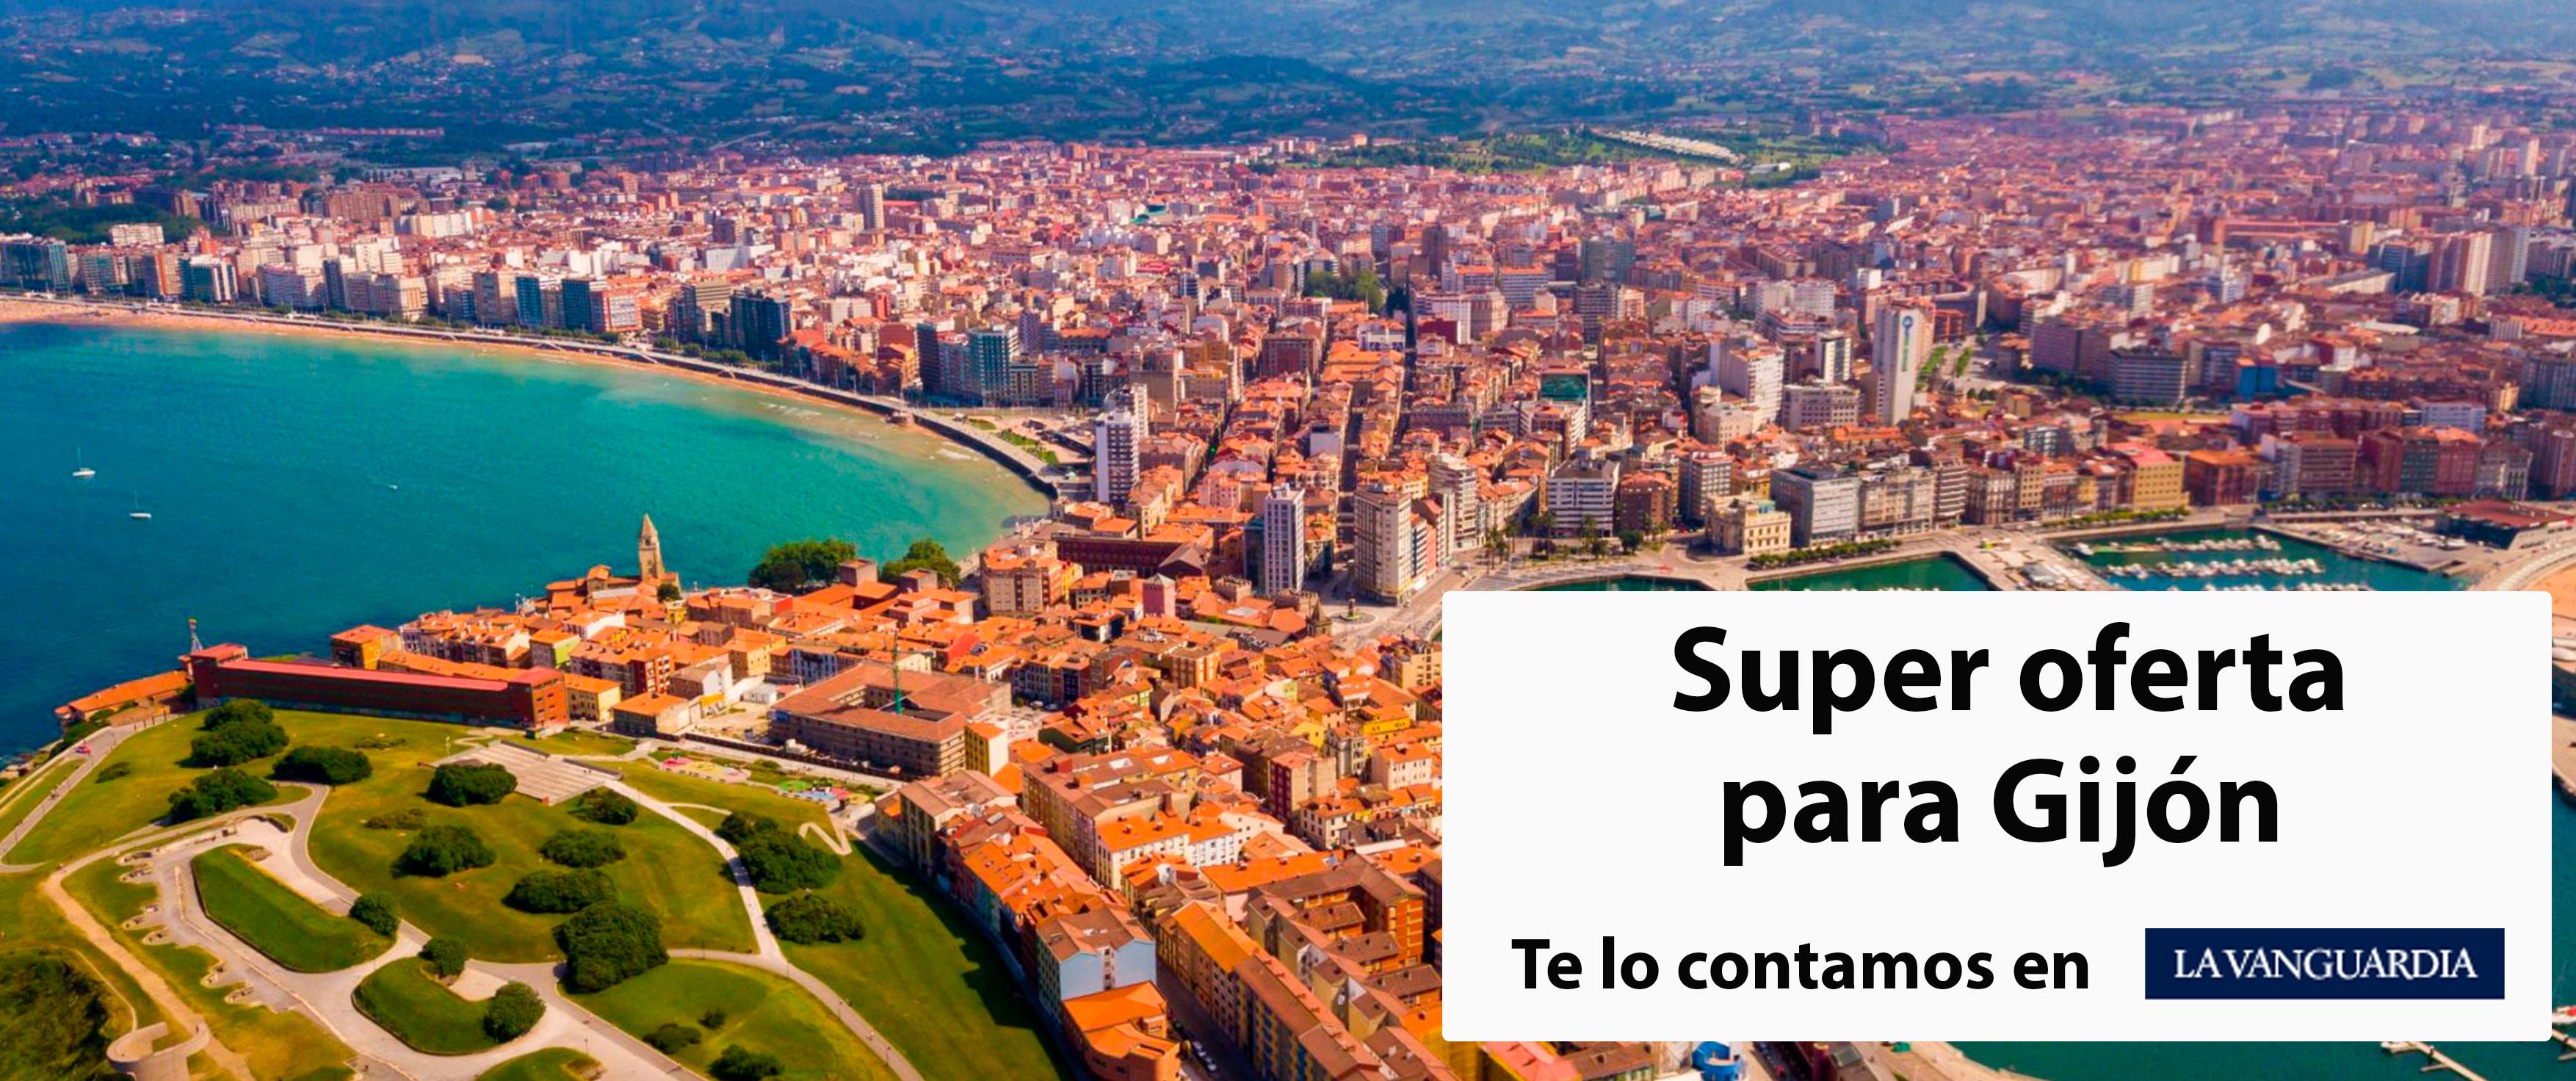 Aparecemos en La Vanguardia con un ofertón en Gijón